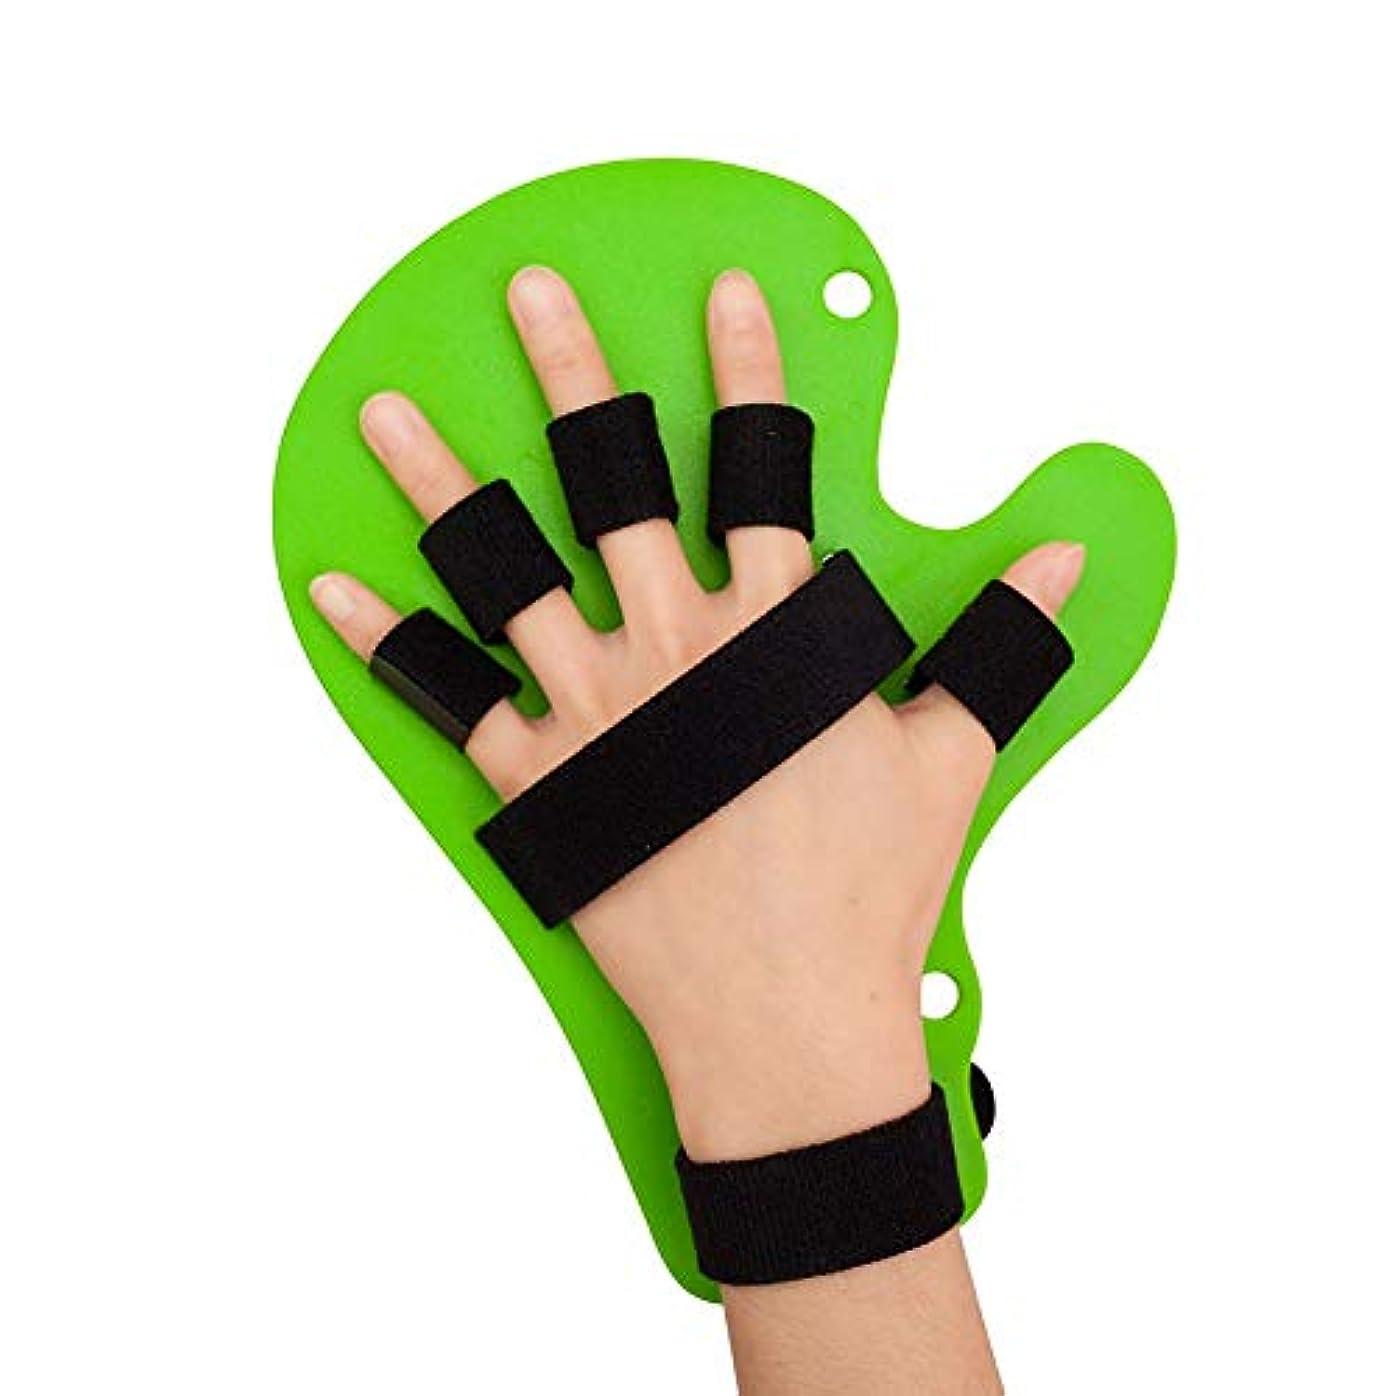 孤児平等童謡指のトレーニング機器、指インソール指、指スプリント指指セパレーター、調節可能な手の指ボード装具スプリットフィンガートレーニング機器 (Color : 緑)